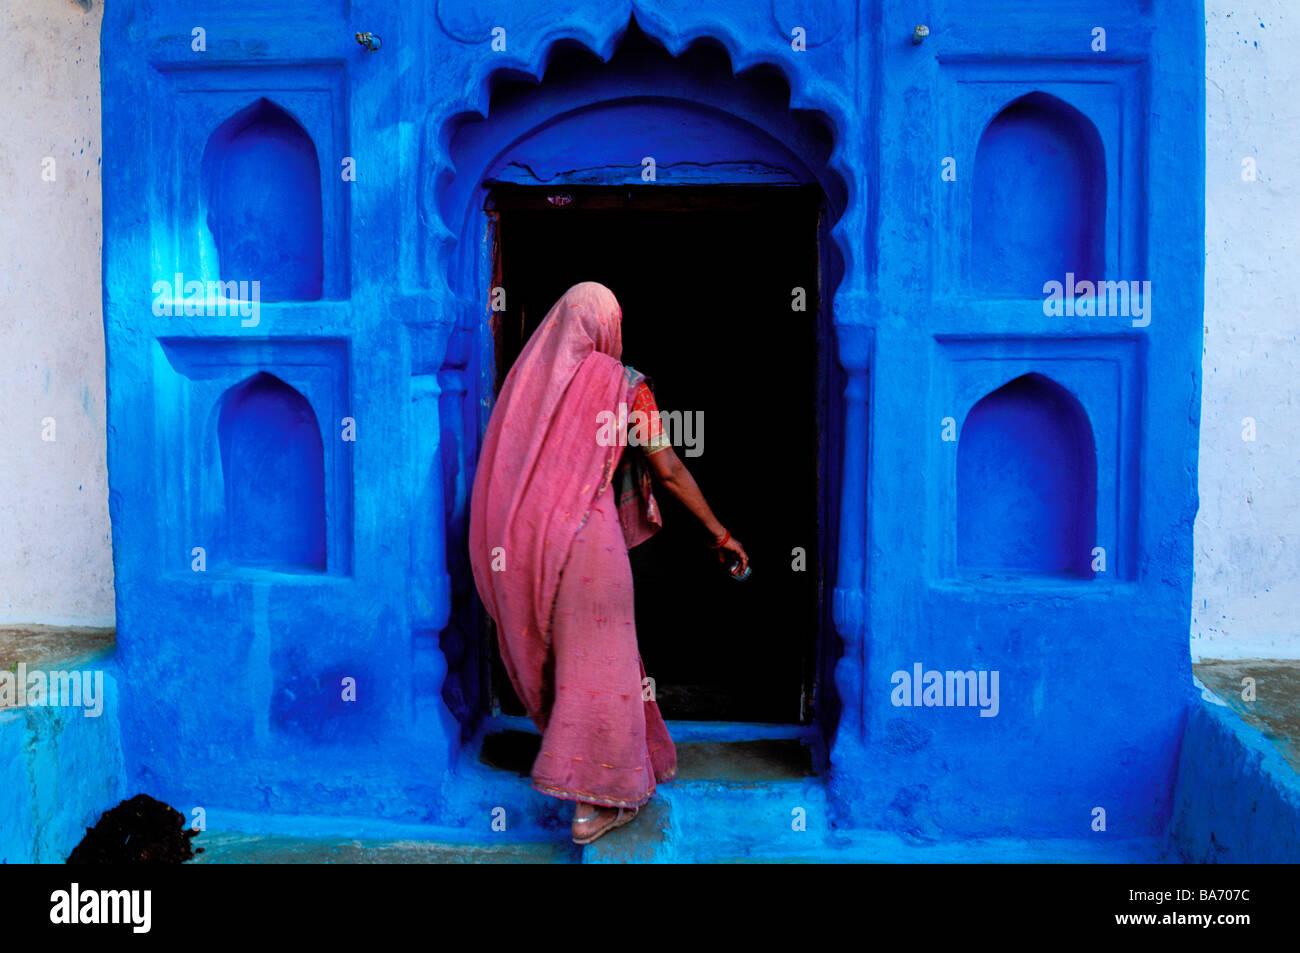 La India, el estado de Rajasthan, Jodhpur, la ciudad azul antiguo Imagen De Stock